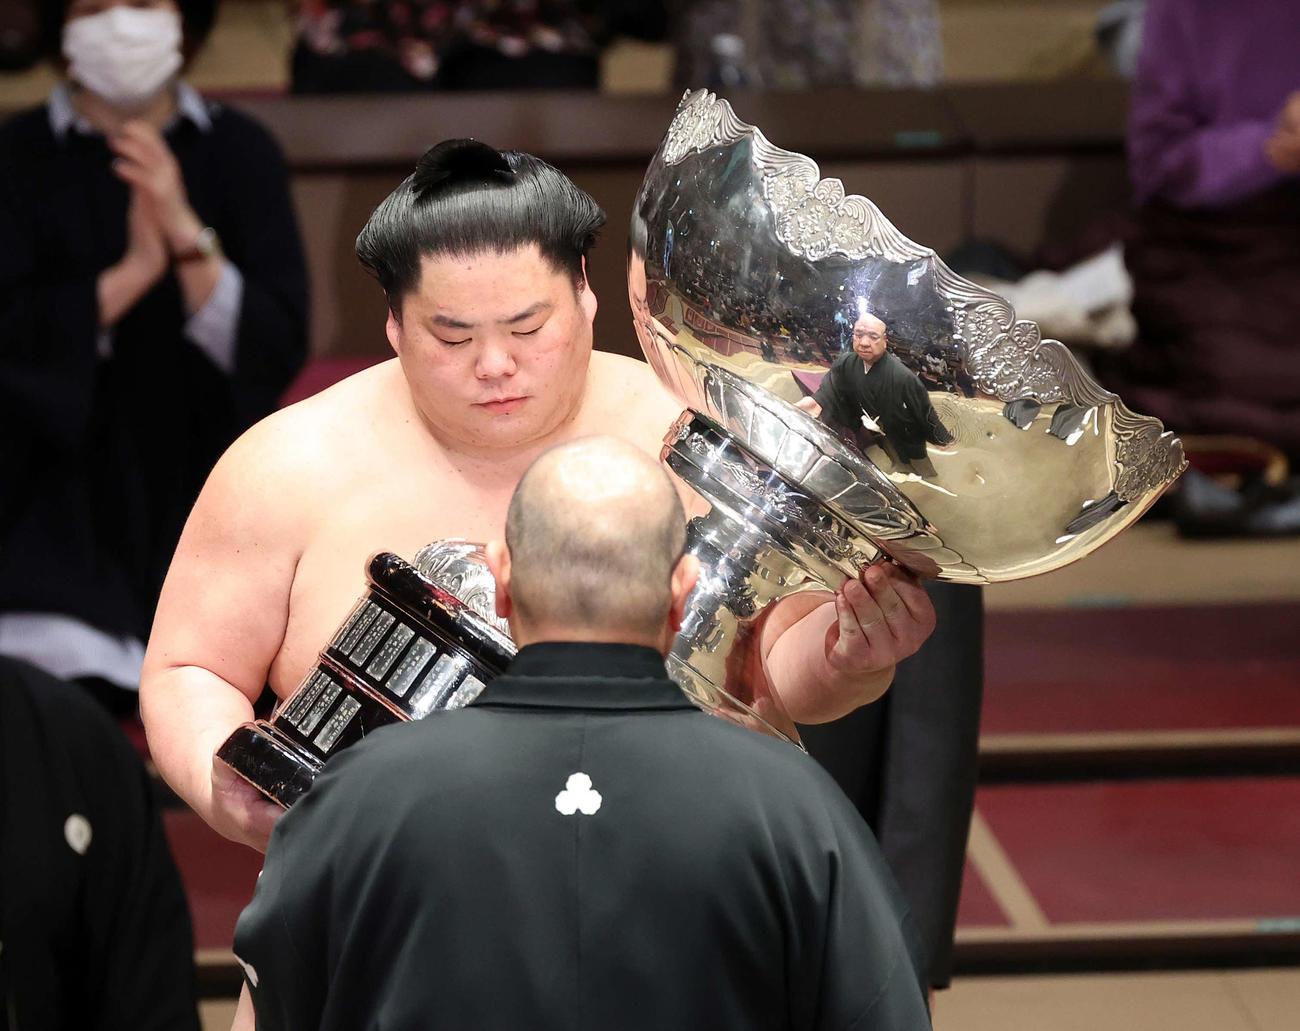 八角理事長(手前)から内閣総理大臣杯を受け取る大栄翔(2021年1月24日撮影)